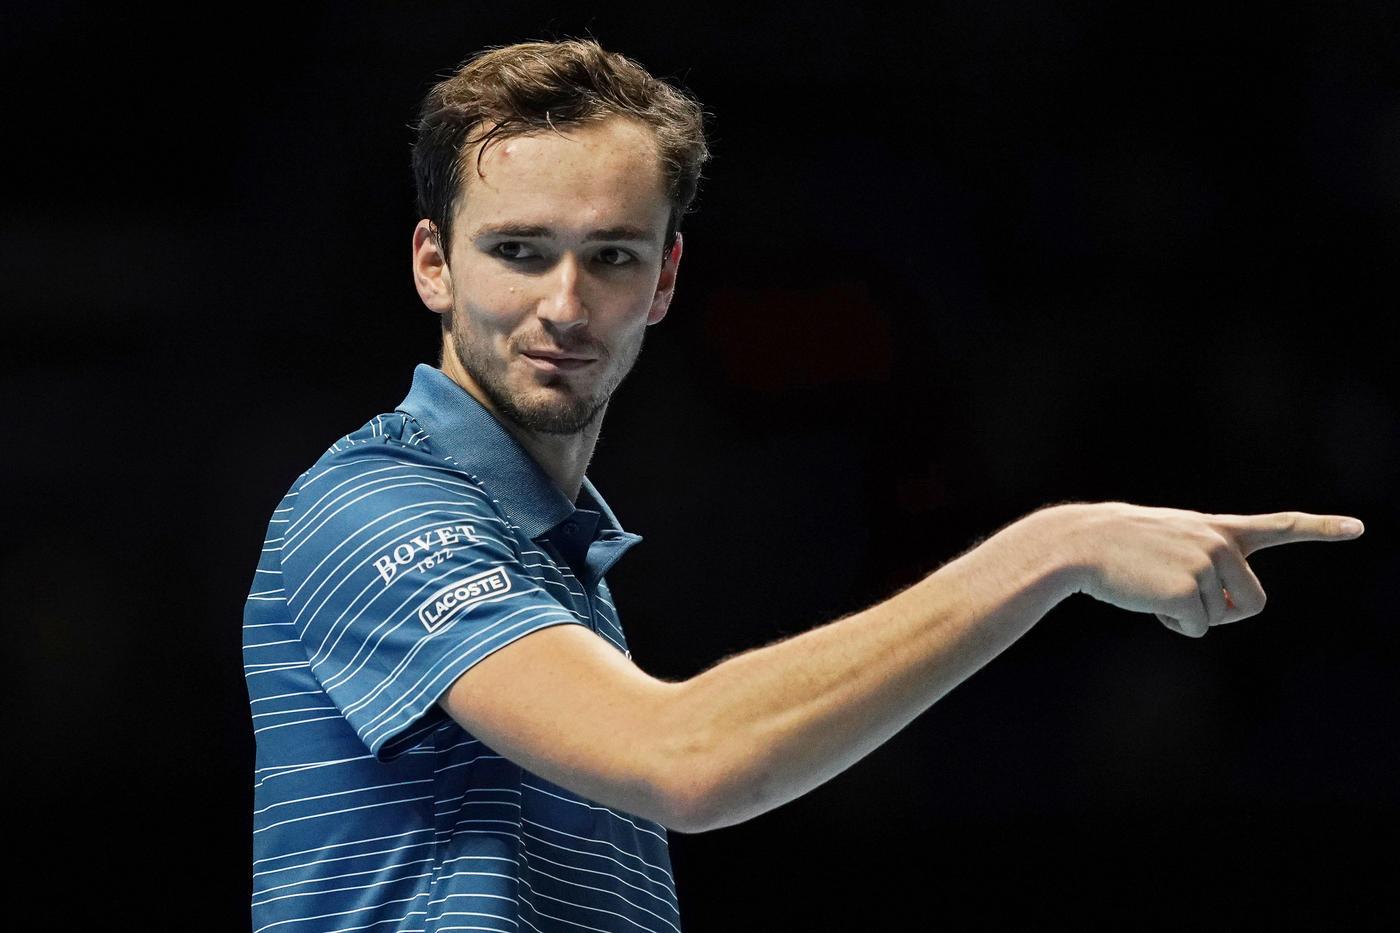 Медведев отдал матч Надалю, показывая палец - фото